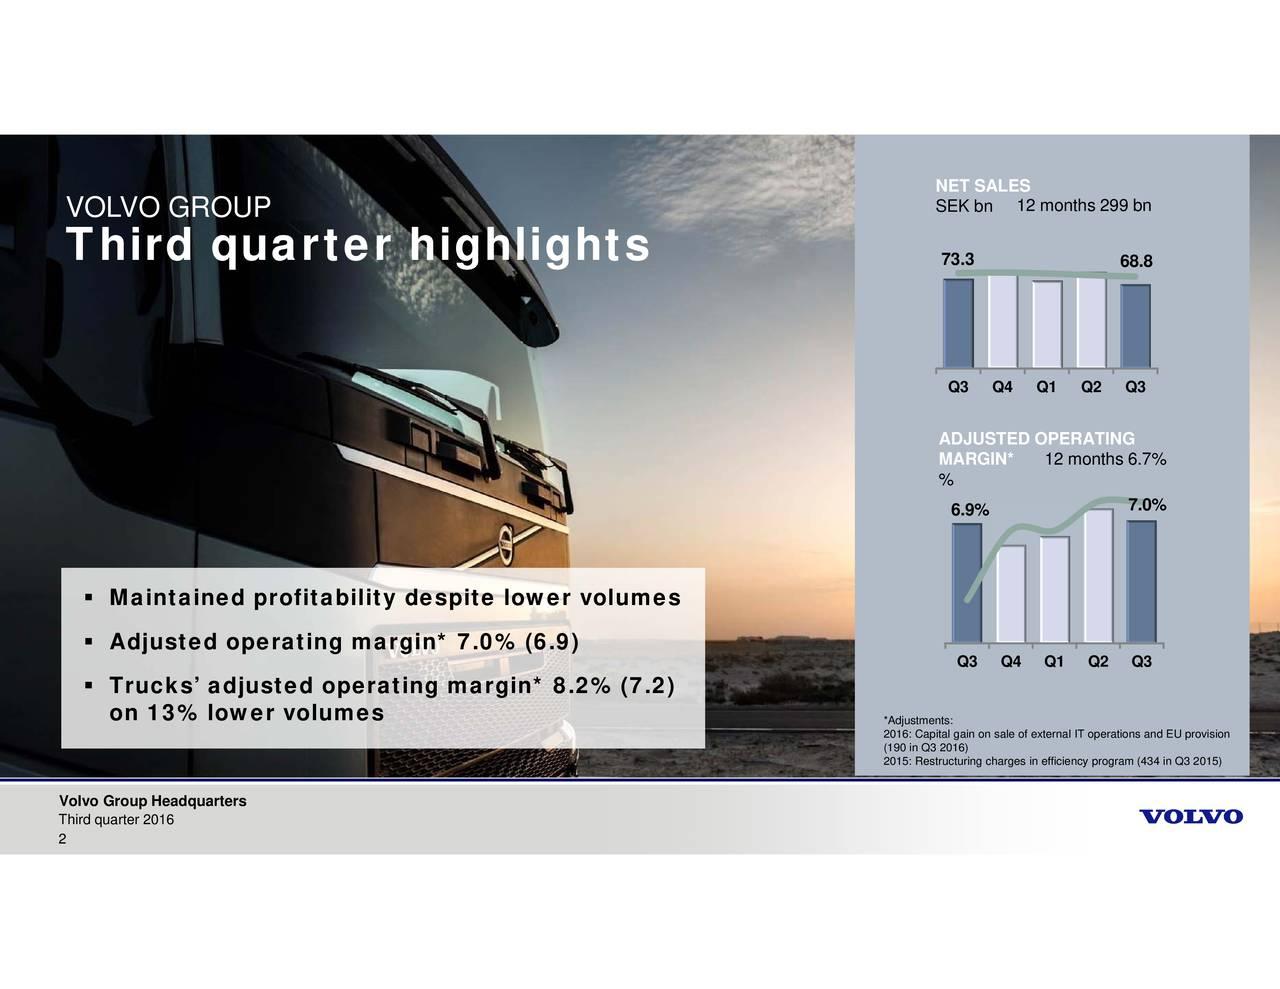 12 months 6.7% 12 months 299 bn 6.9% Q3 Q4 Q1 Q2 Q3 NETEKAES3.3 Q3 QADJ%RGID*OPERATING *AutC1i3au)inahrtilficiogra34pQis3io2n015) MainAdauneond1oairjtiltymdelemiesil.w%errgil*m8.2s% (7.2) VOL TVOh GiR OUP quarter highlights VThrd quarter 2016arters